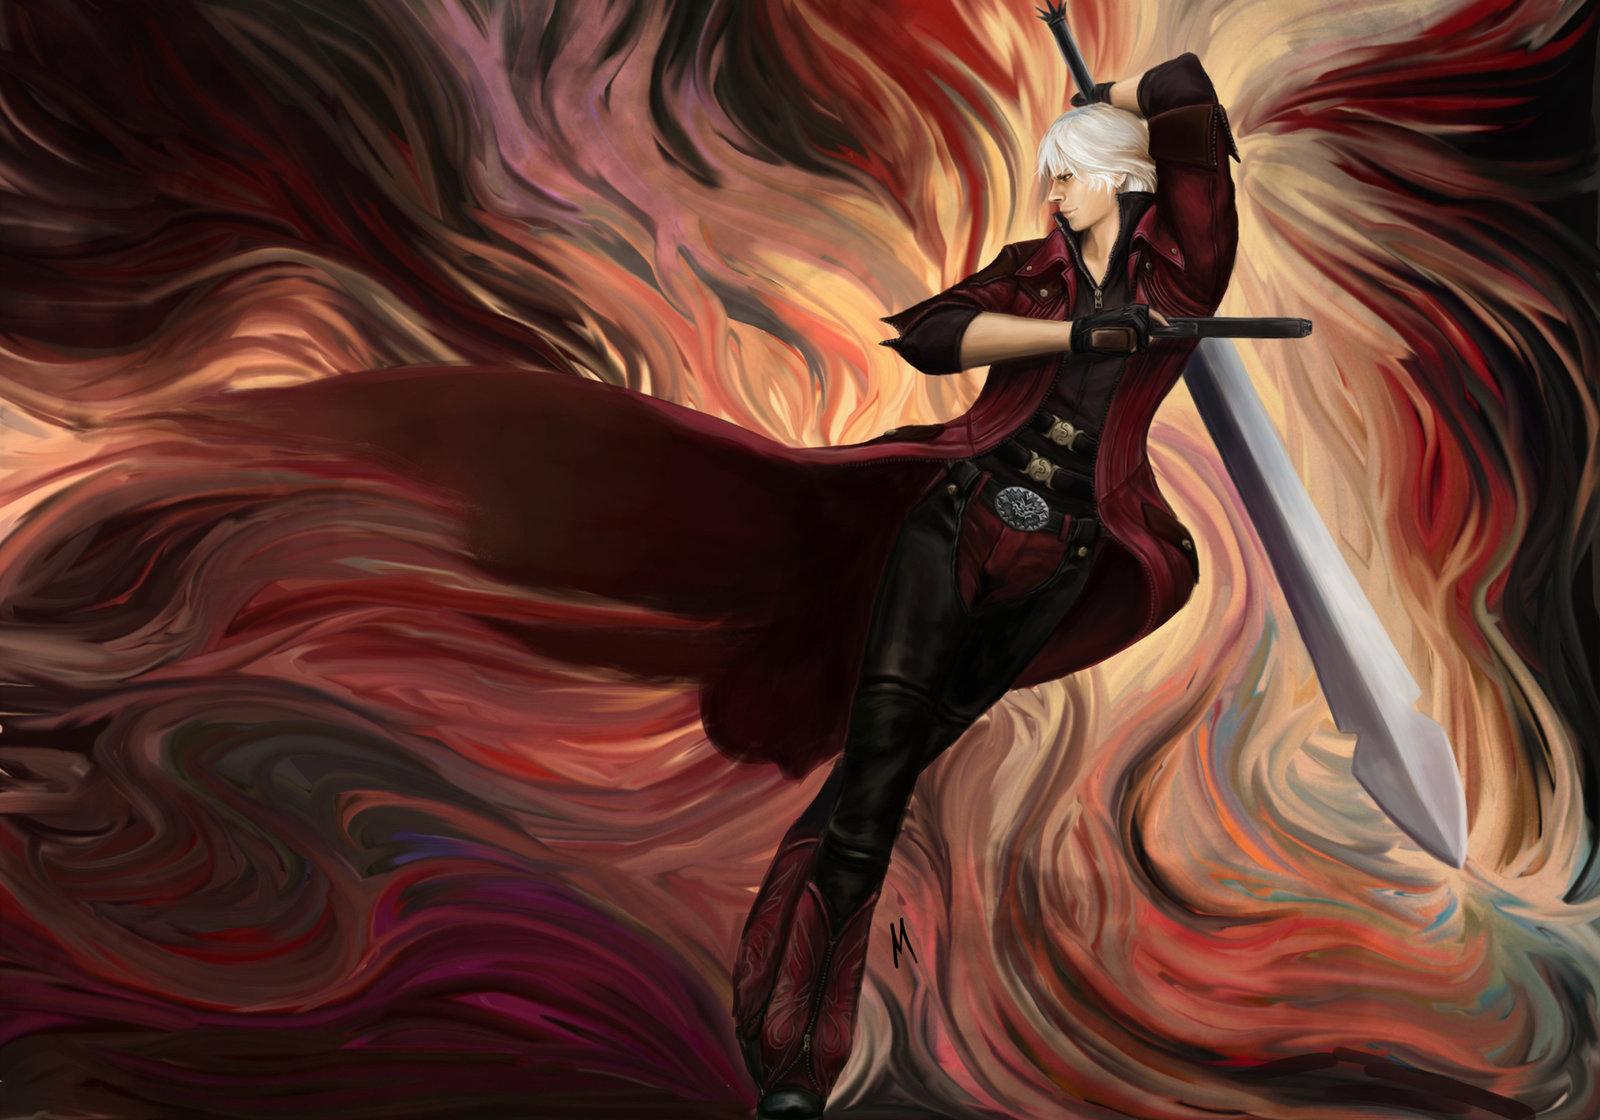 Dante Dmc 4 Devil May Cry 4 ファン Art 36543800 ファン